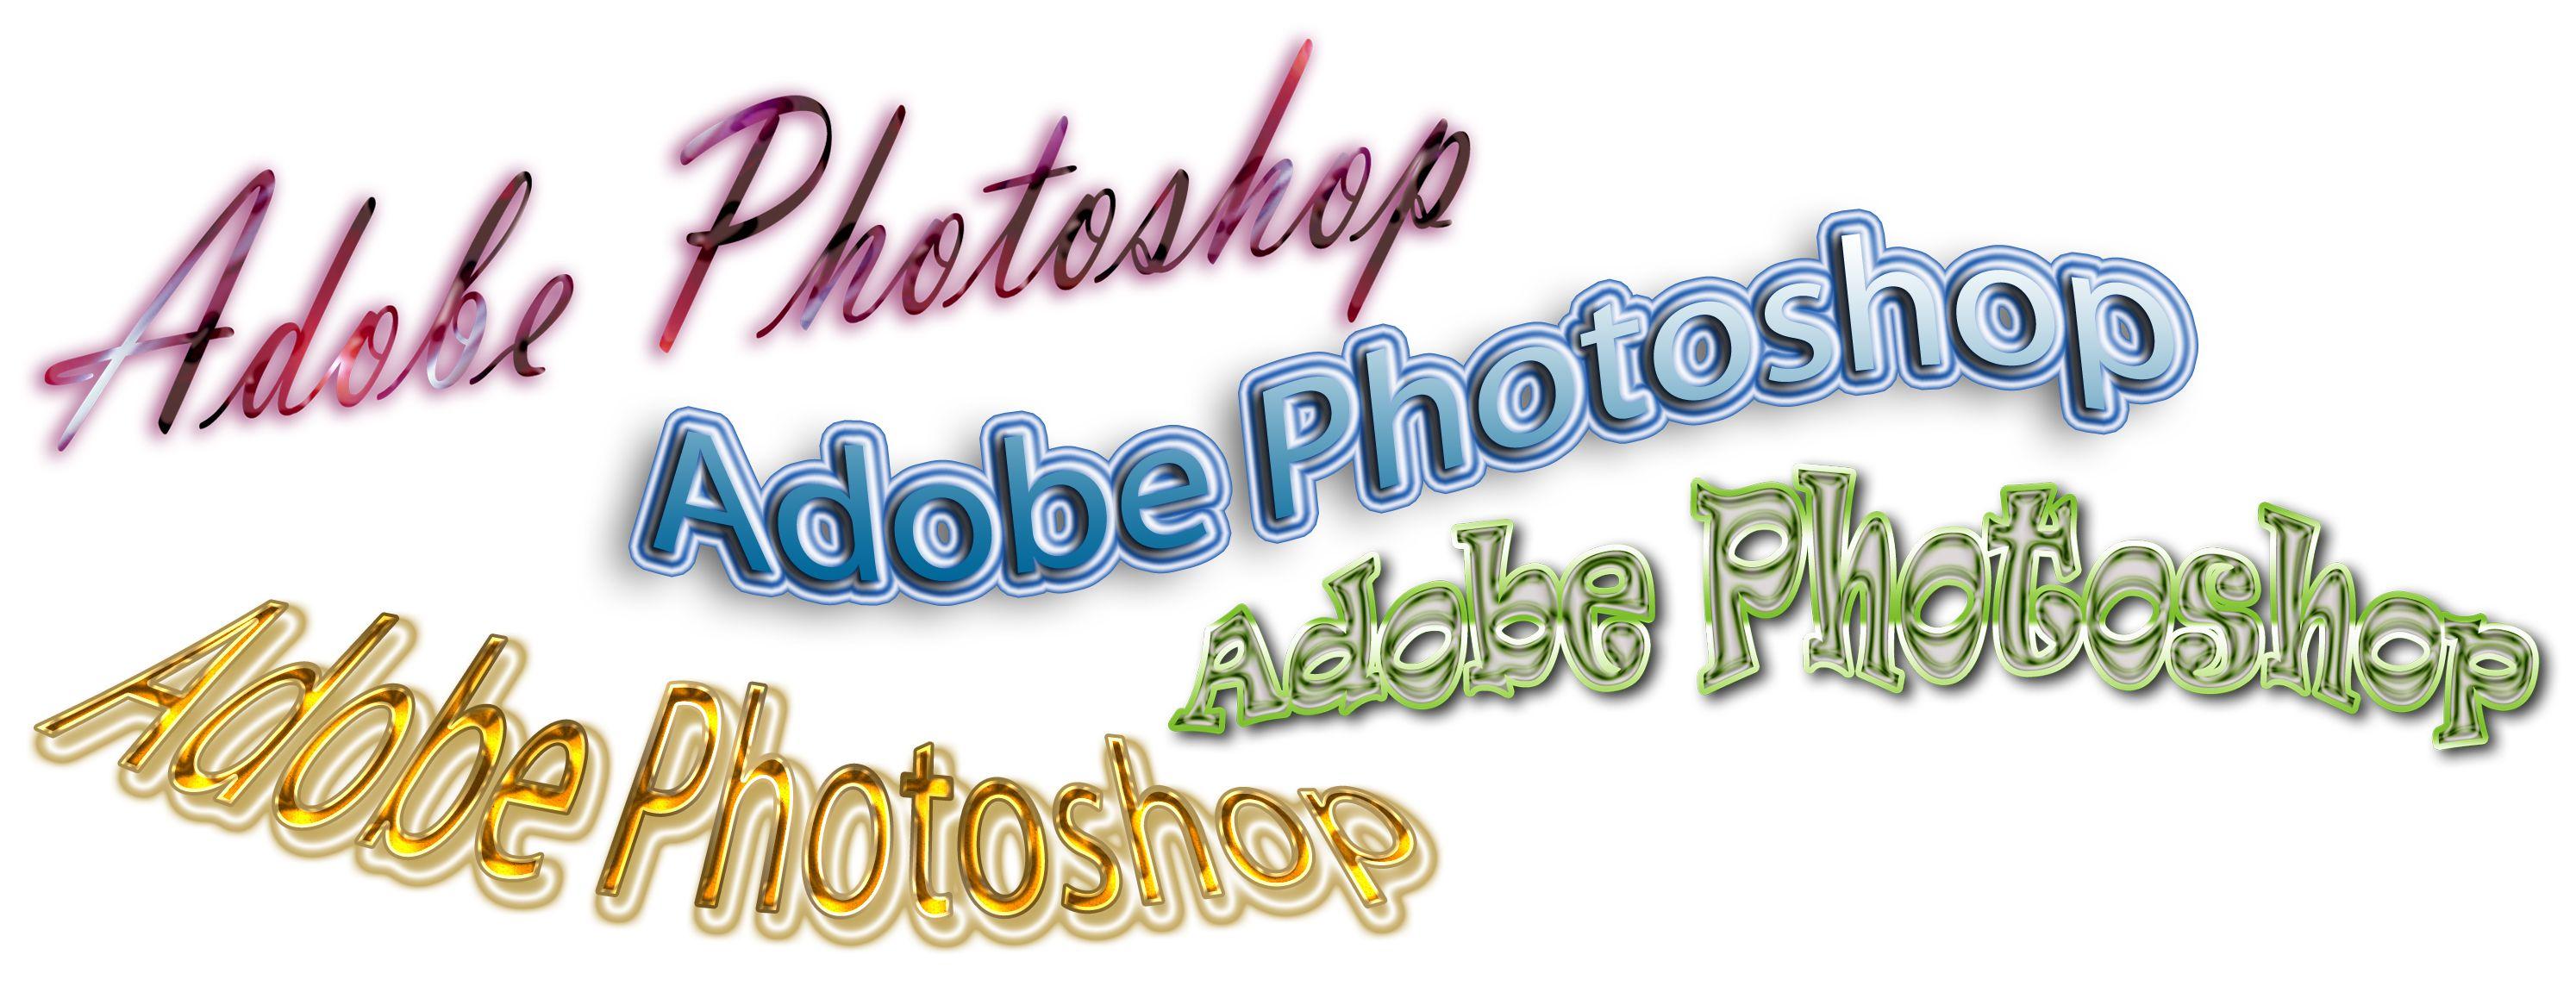 Картинки создать с надписями онлайн